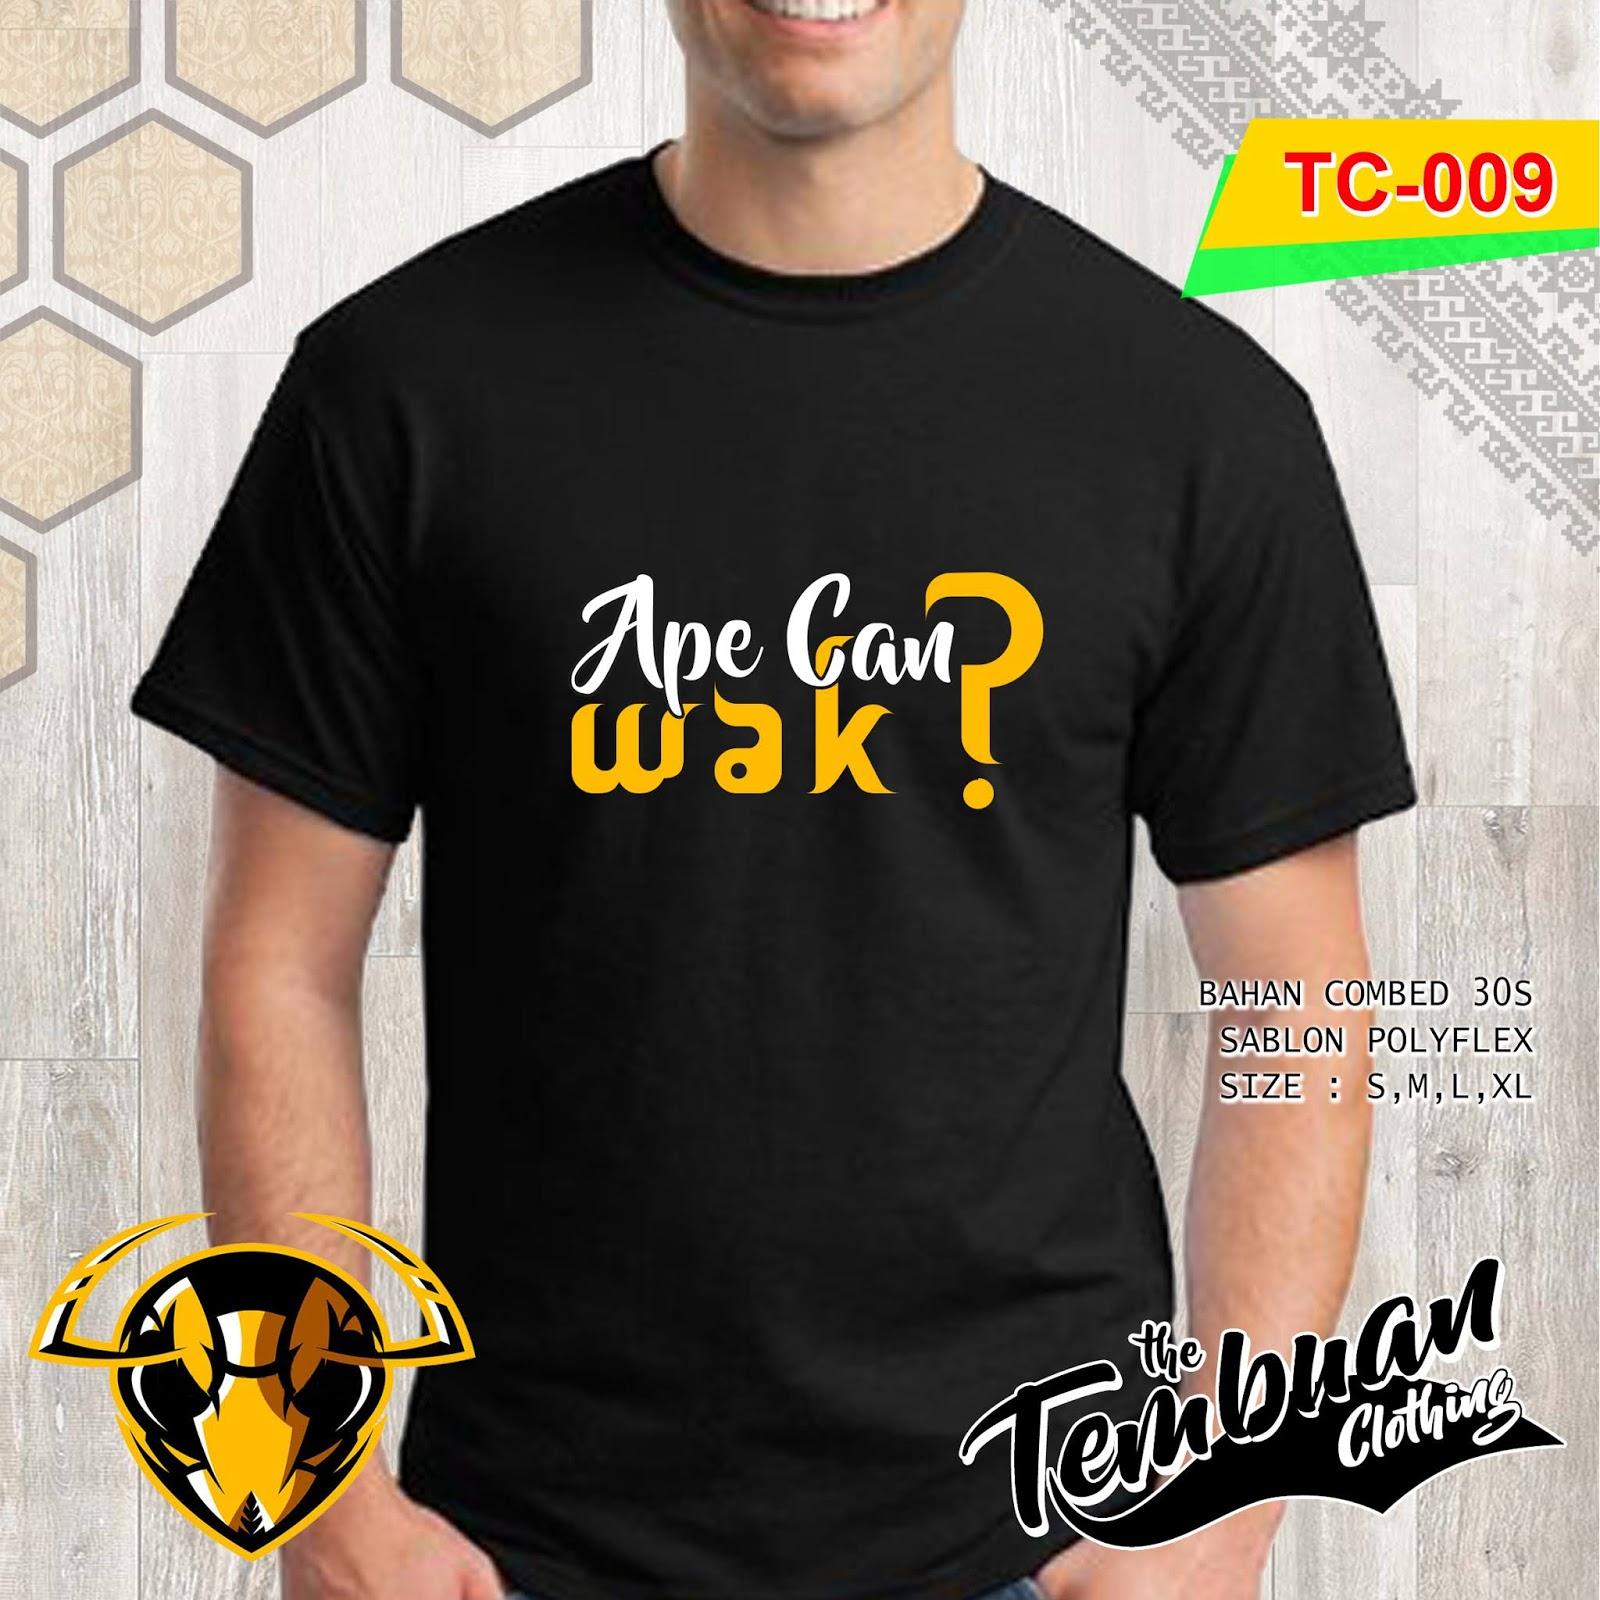 Tembuan Clothing - TC-009 (Ape Can Wak)